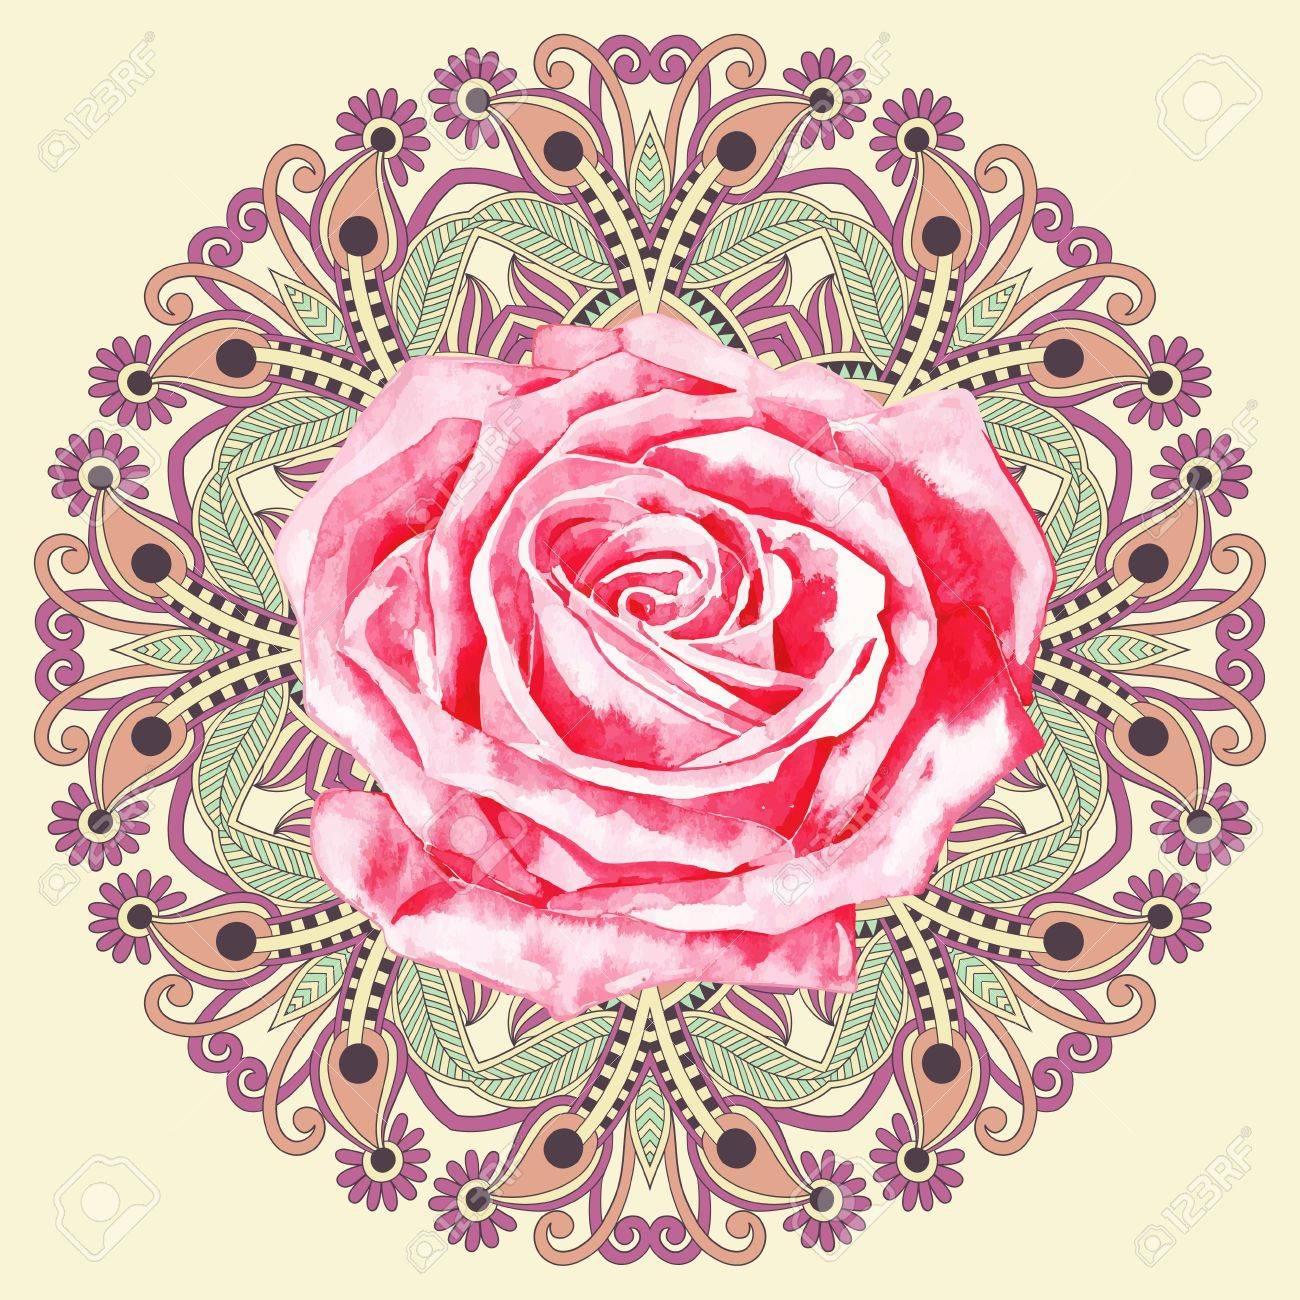 mandala rose ornamental circle pattern with watercolor rose